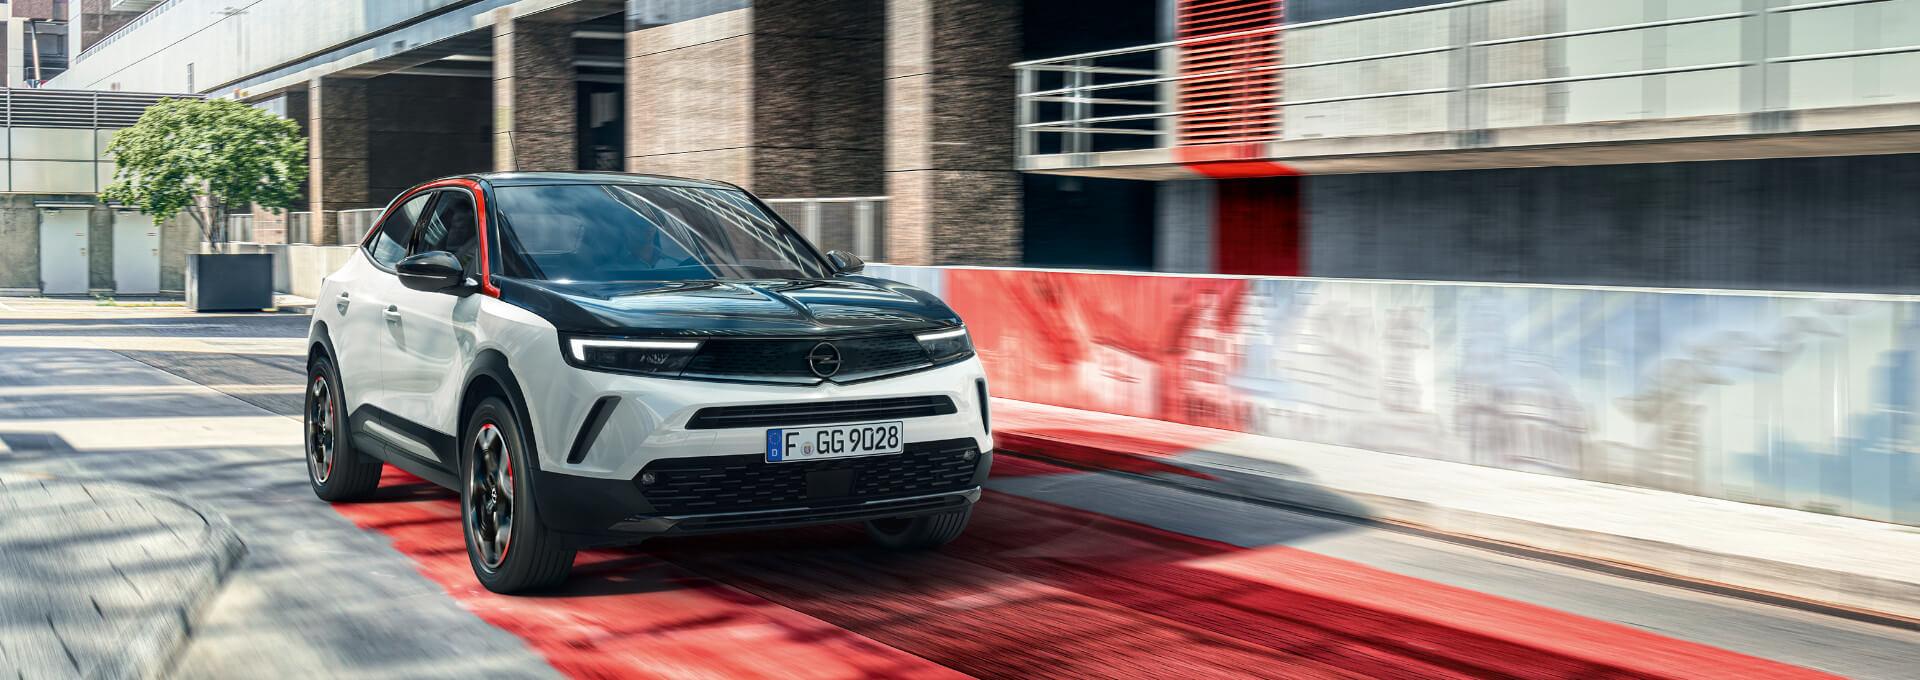 SUV Opel Mokka Fahrt auf Straße